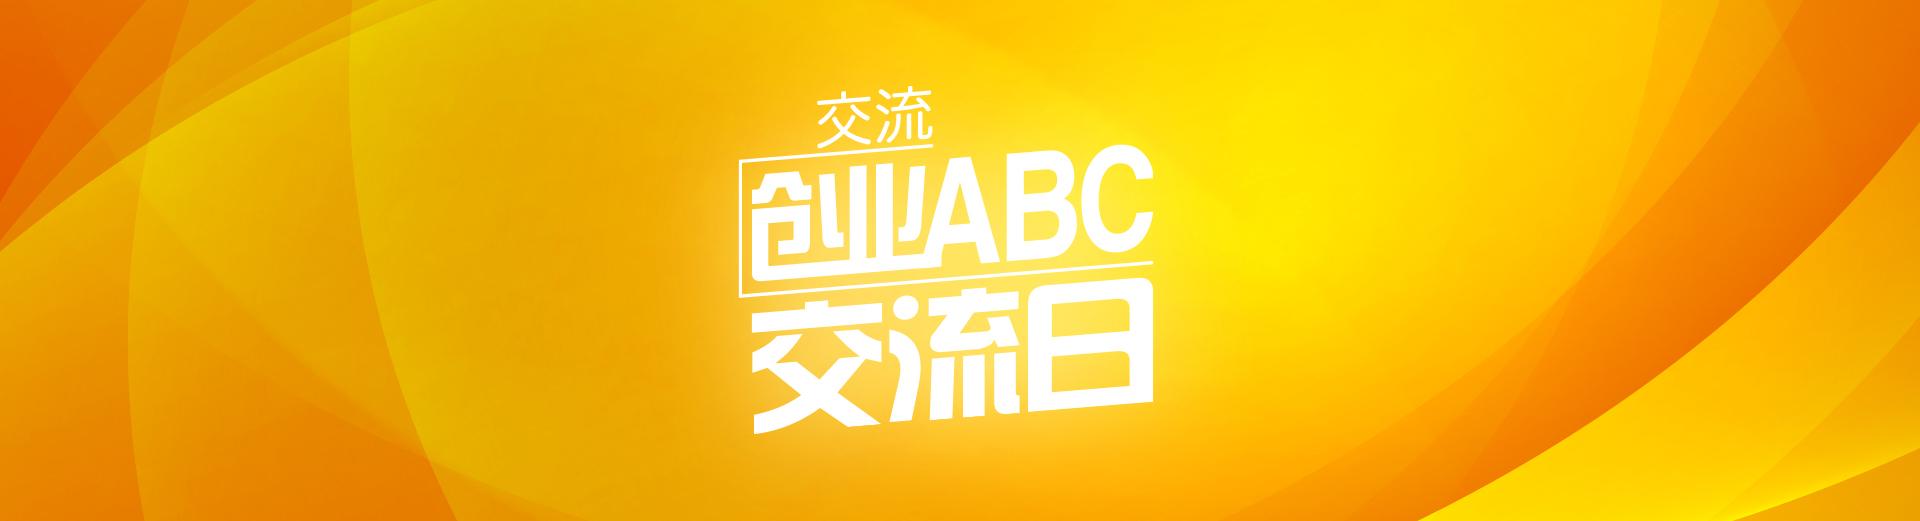 创业ABC第134期交流日 - 创业ABC交流日 - 创业活动 - 创业工坊-东北创业领航者